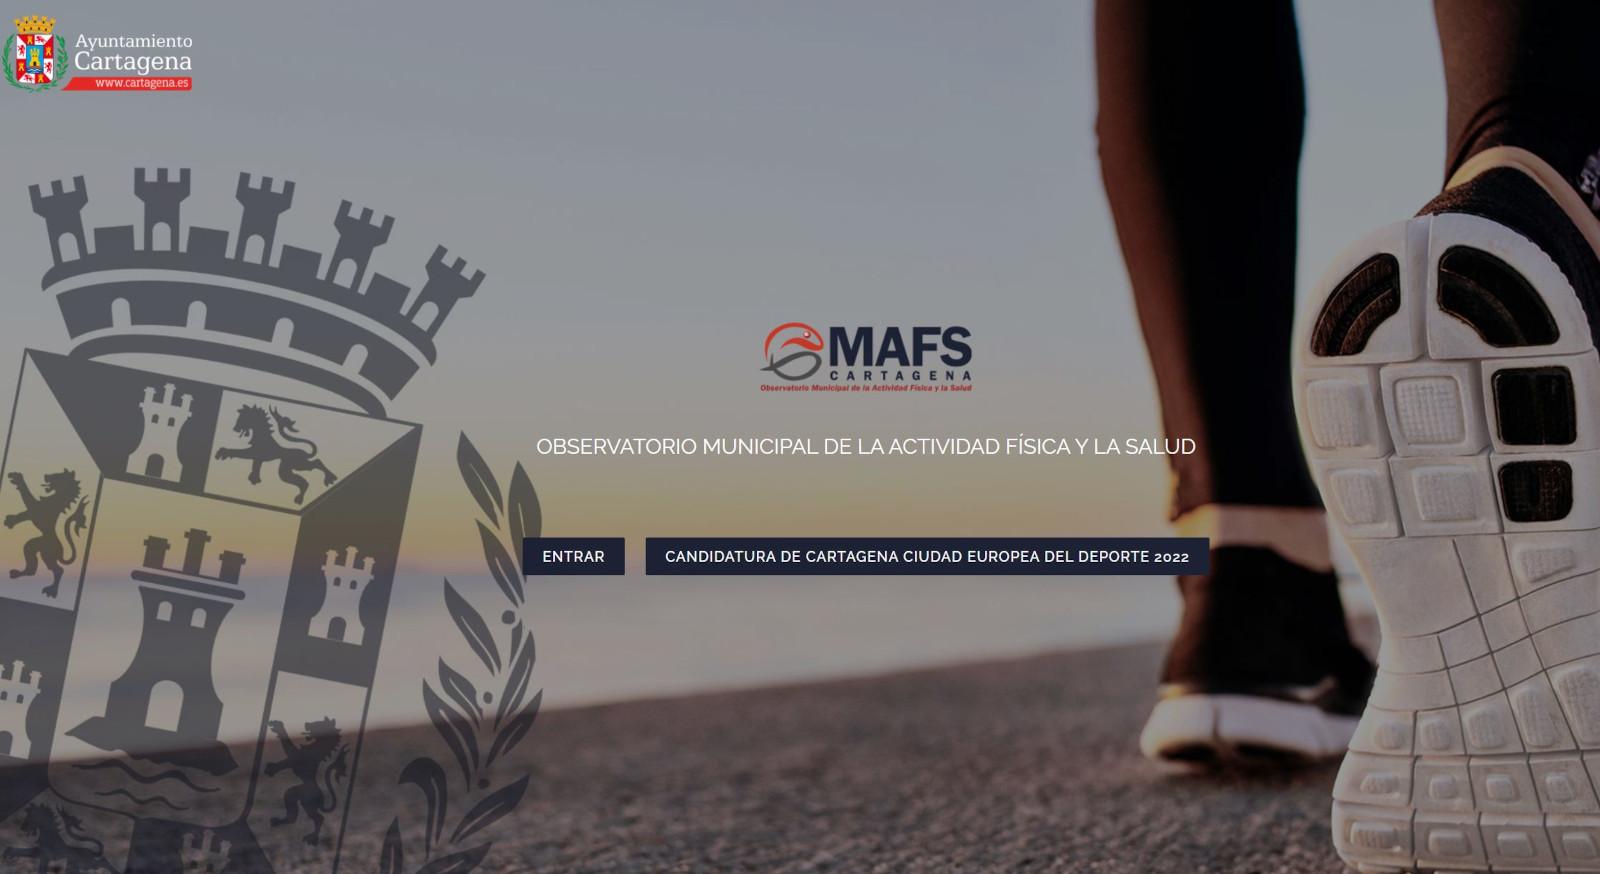 Observatorio Municipal de la Actividad Física y la Salud, OMAFS